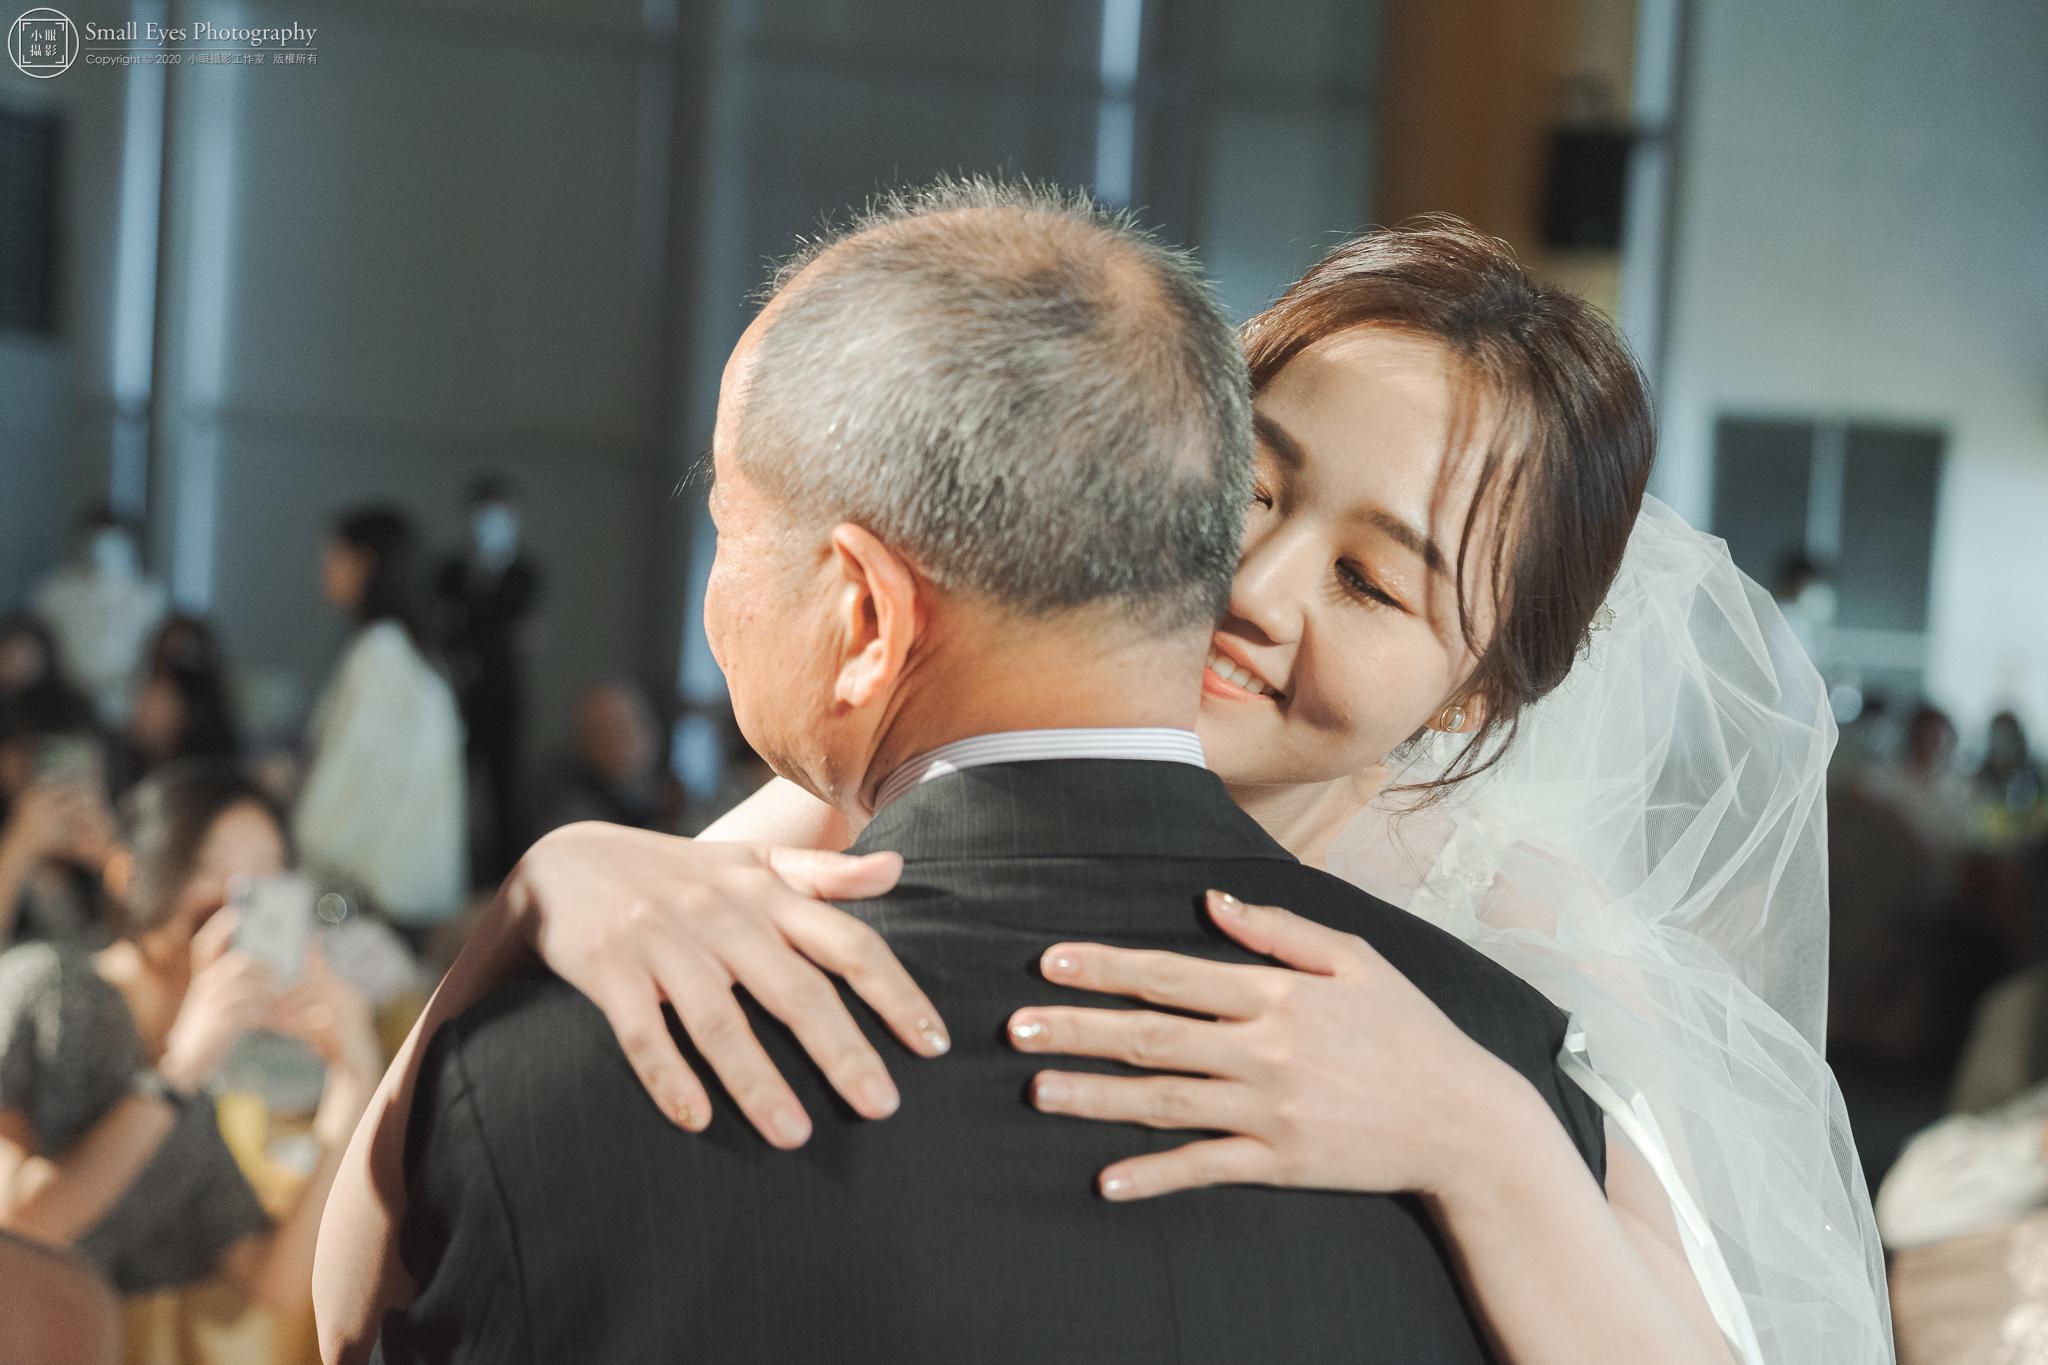 小眼攝影,傅祐承,婚禮攝影,婚攝,婚禮紀實,婚禮紀錄,台中,裕元花園,酒店,擁抱,父女